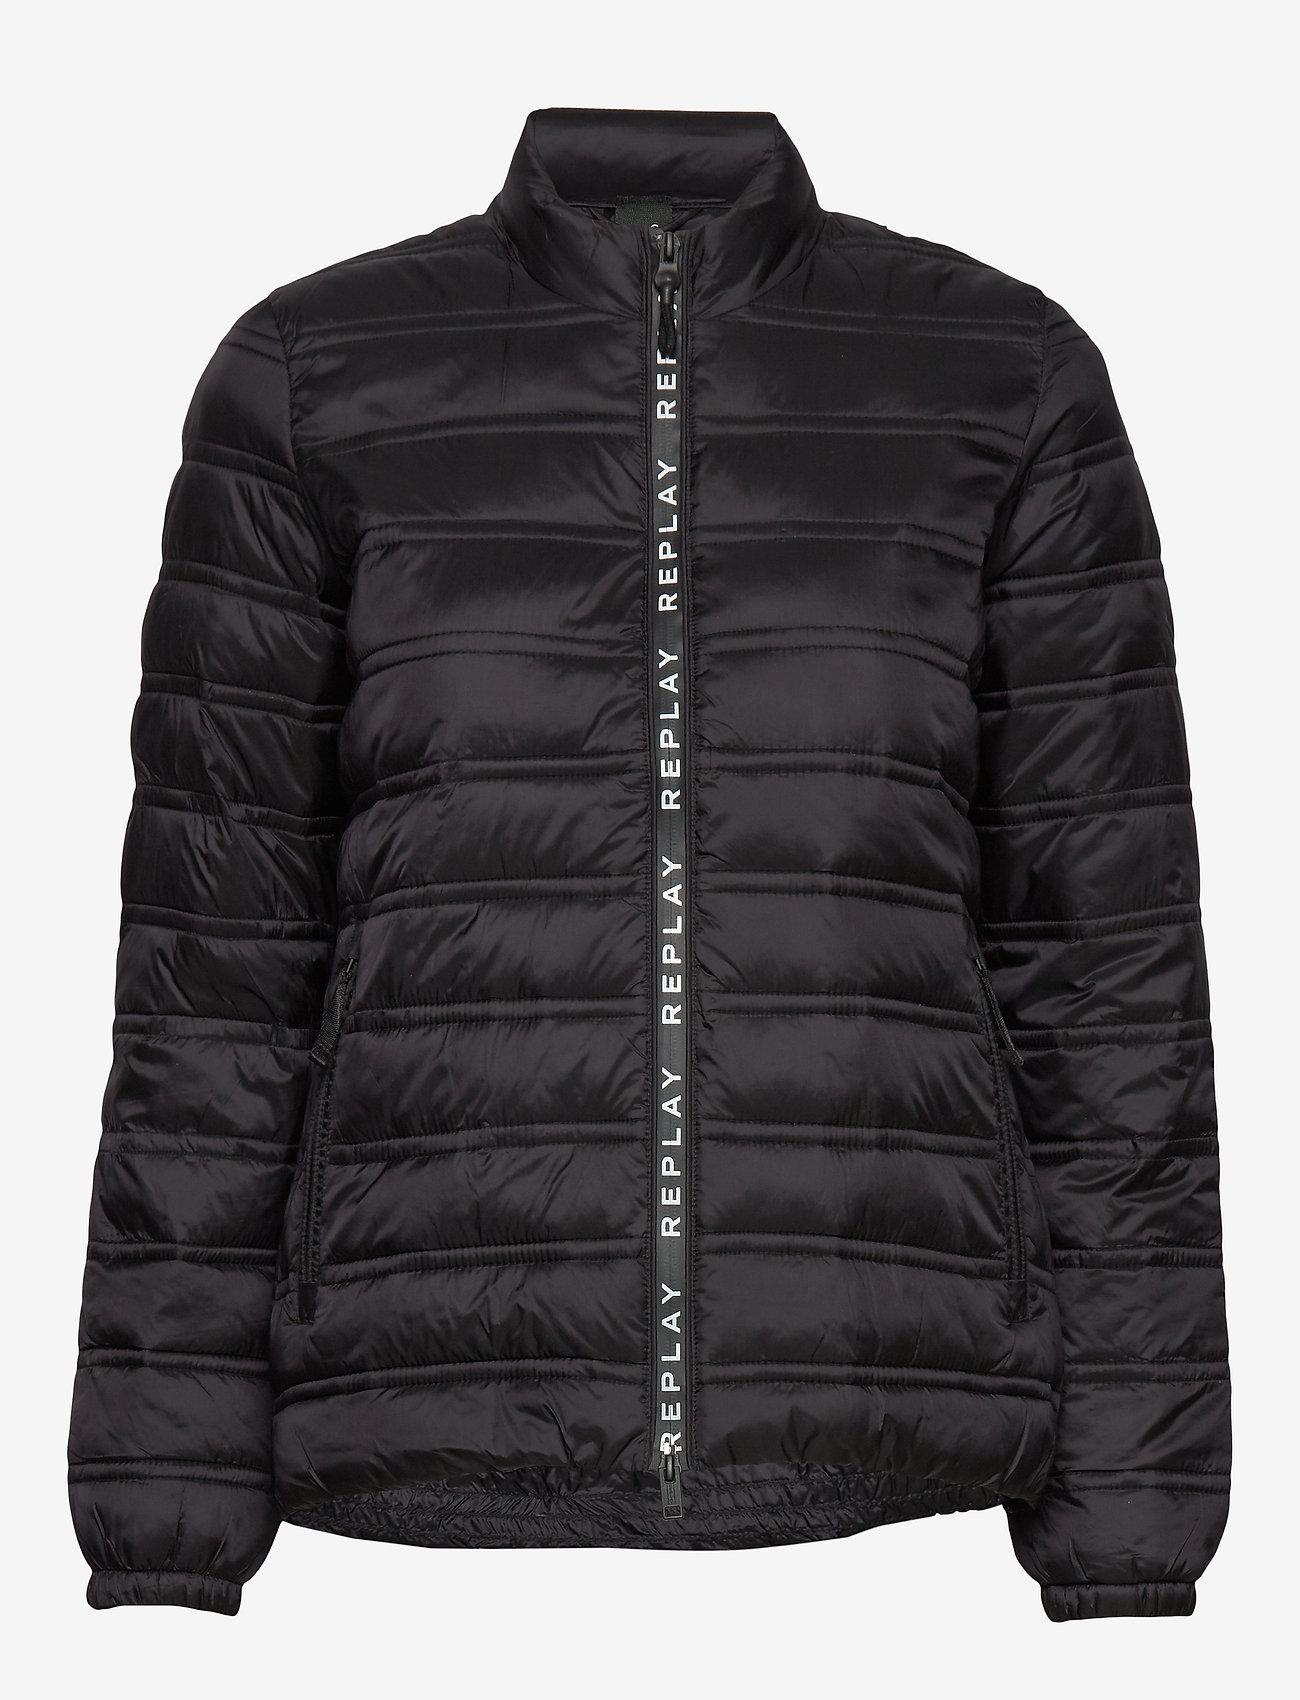 Jacket (Black) - Replay DDM9IP